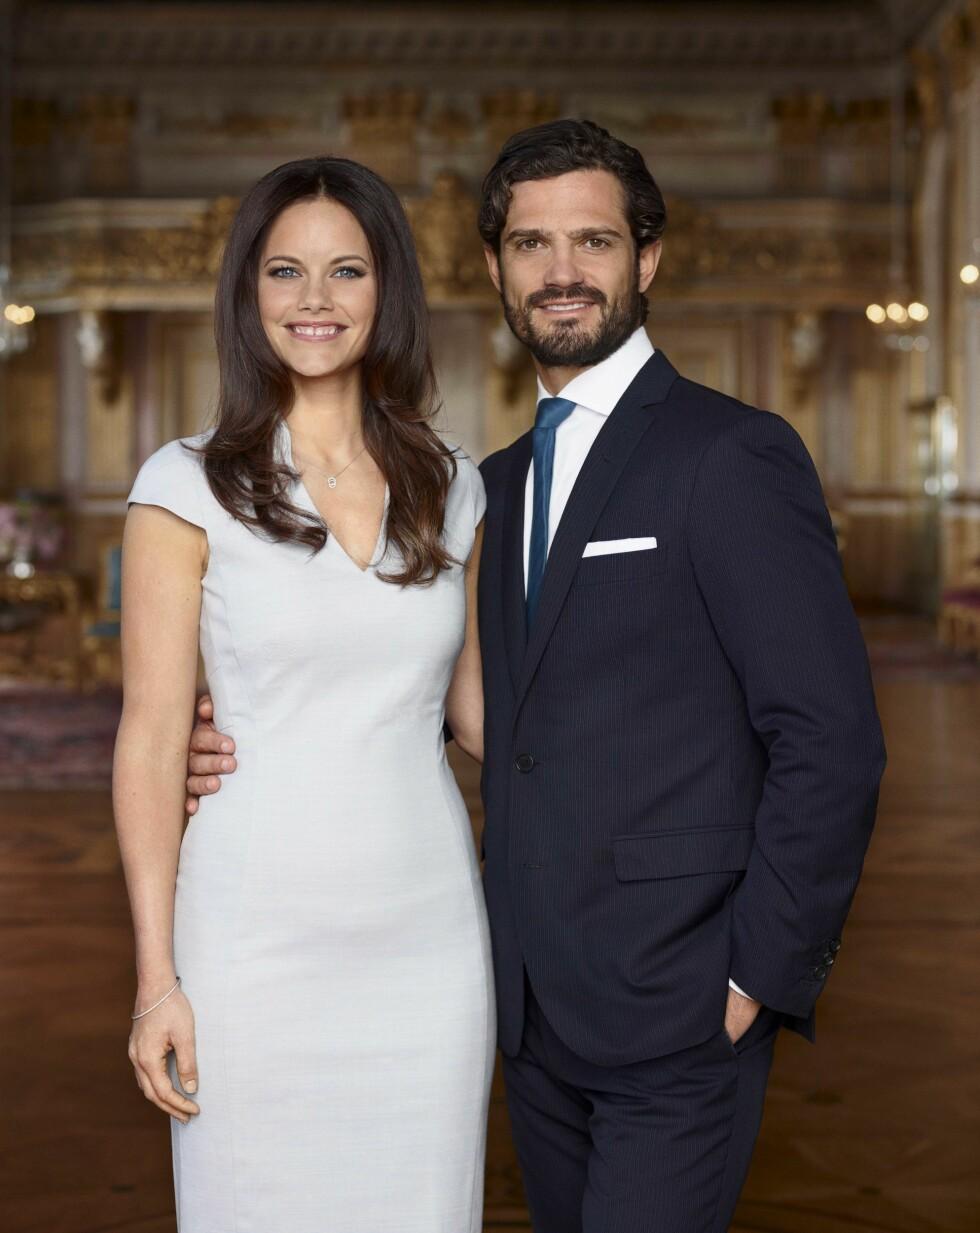 GIFTER SEG: 13. juni skal Sofia og Carl Philip gifte seg. Foto: Splash News